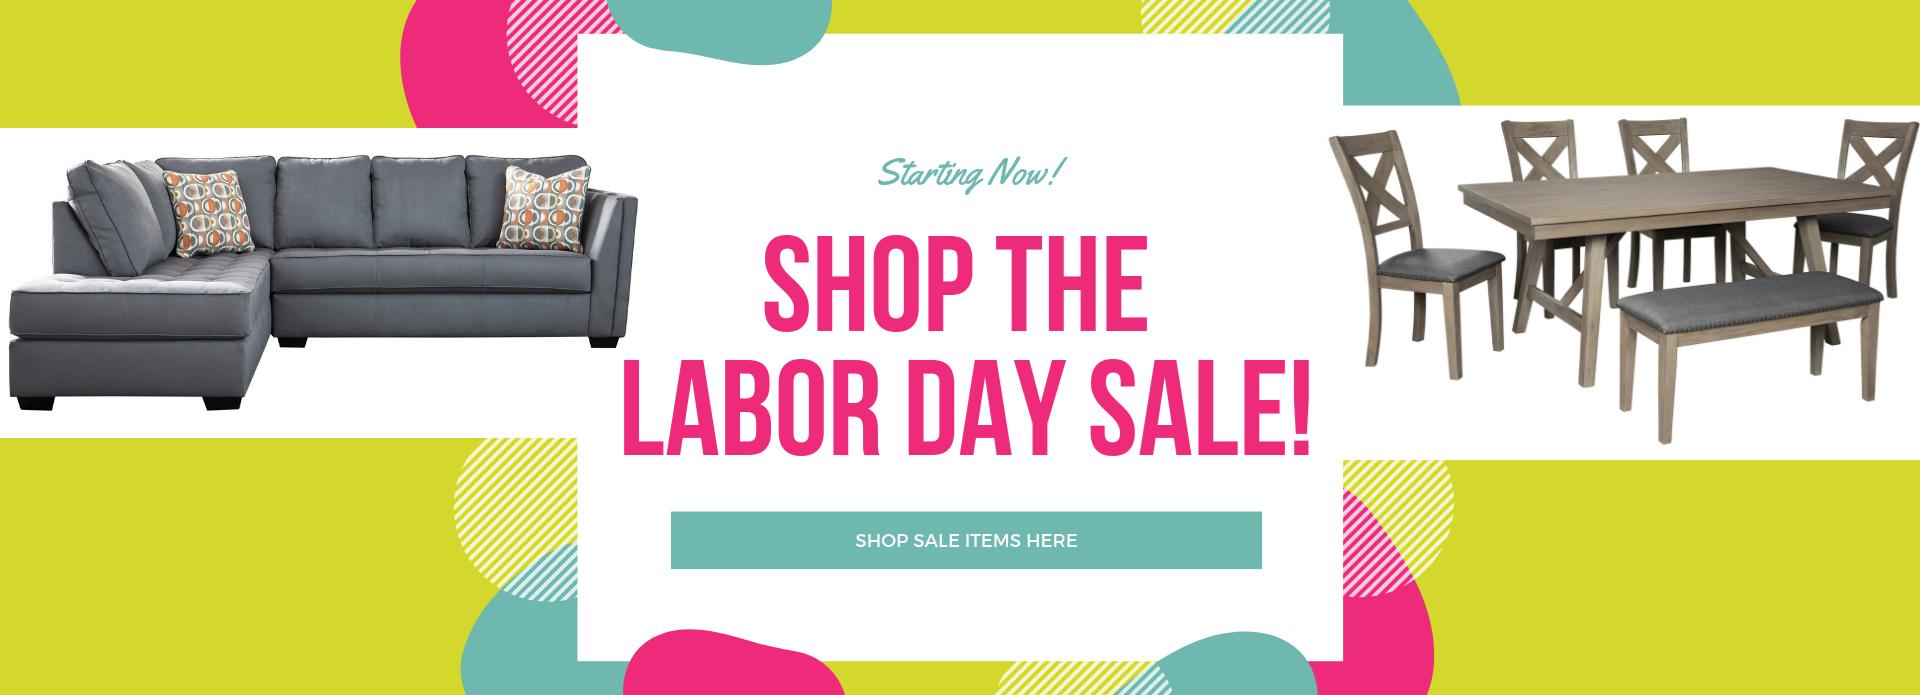 Labor Day Sale info